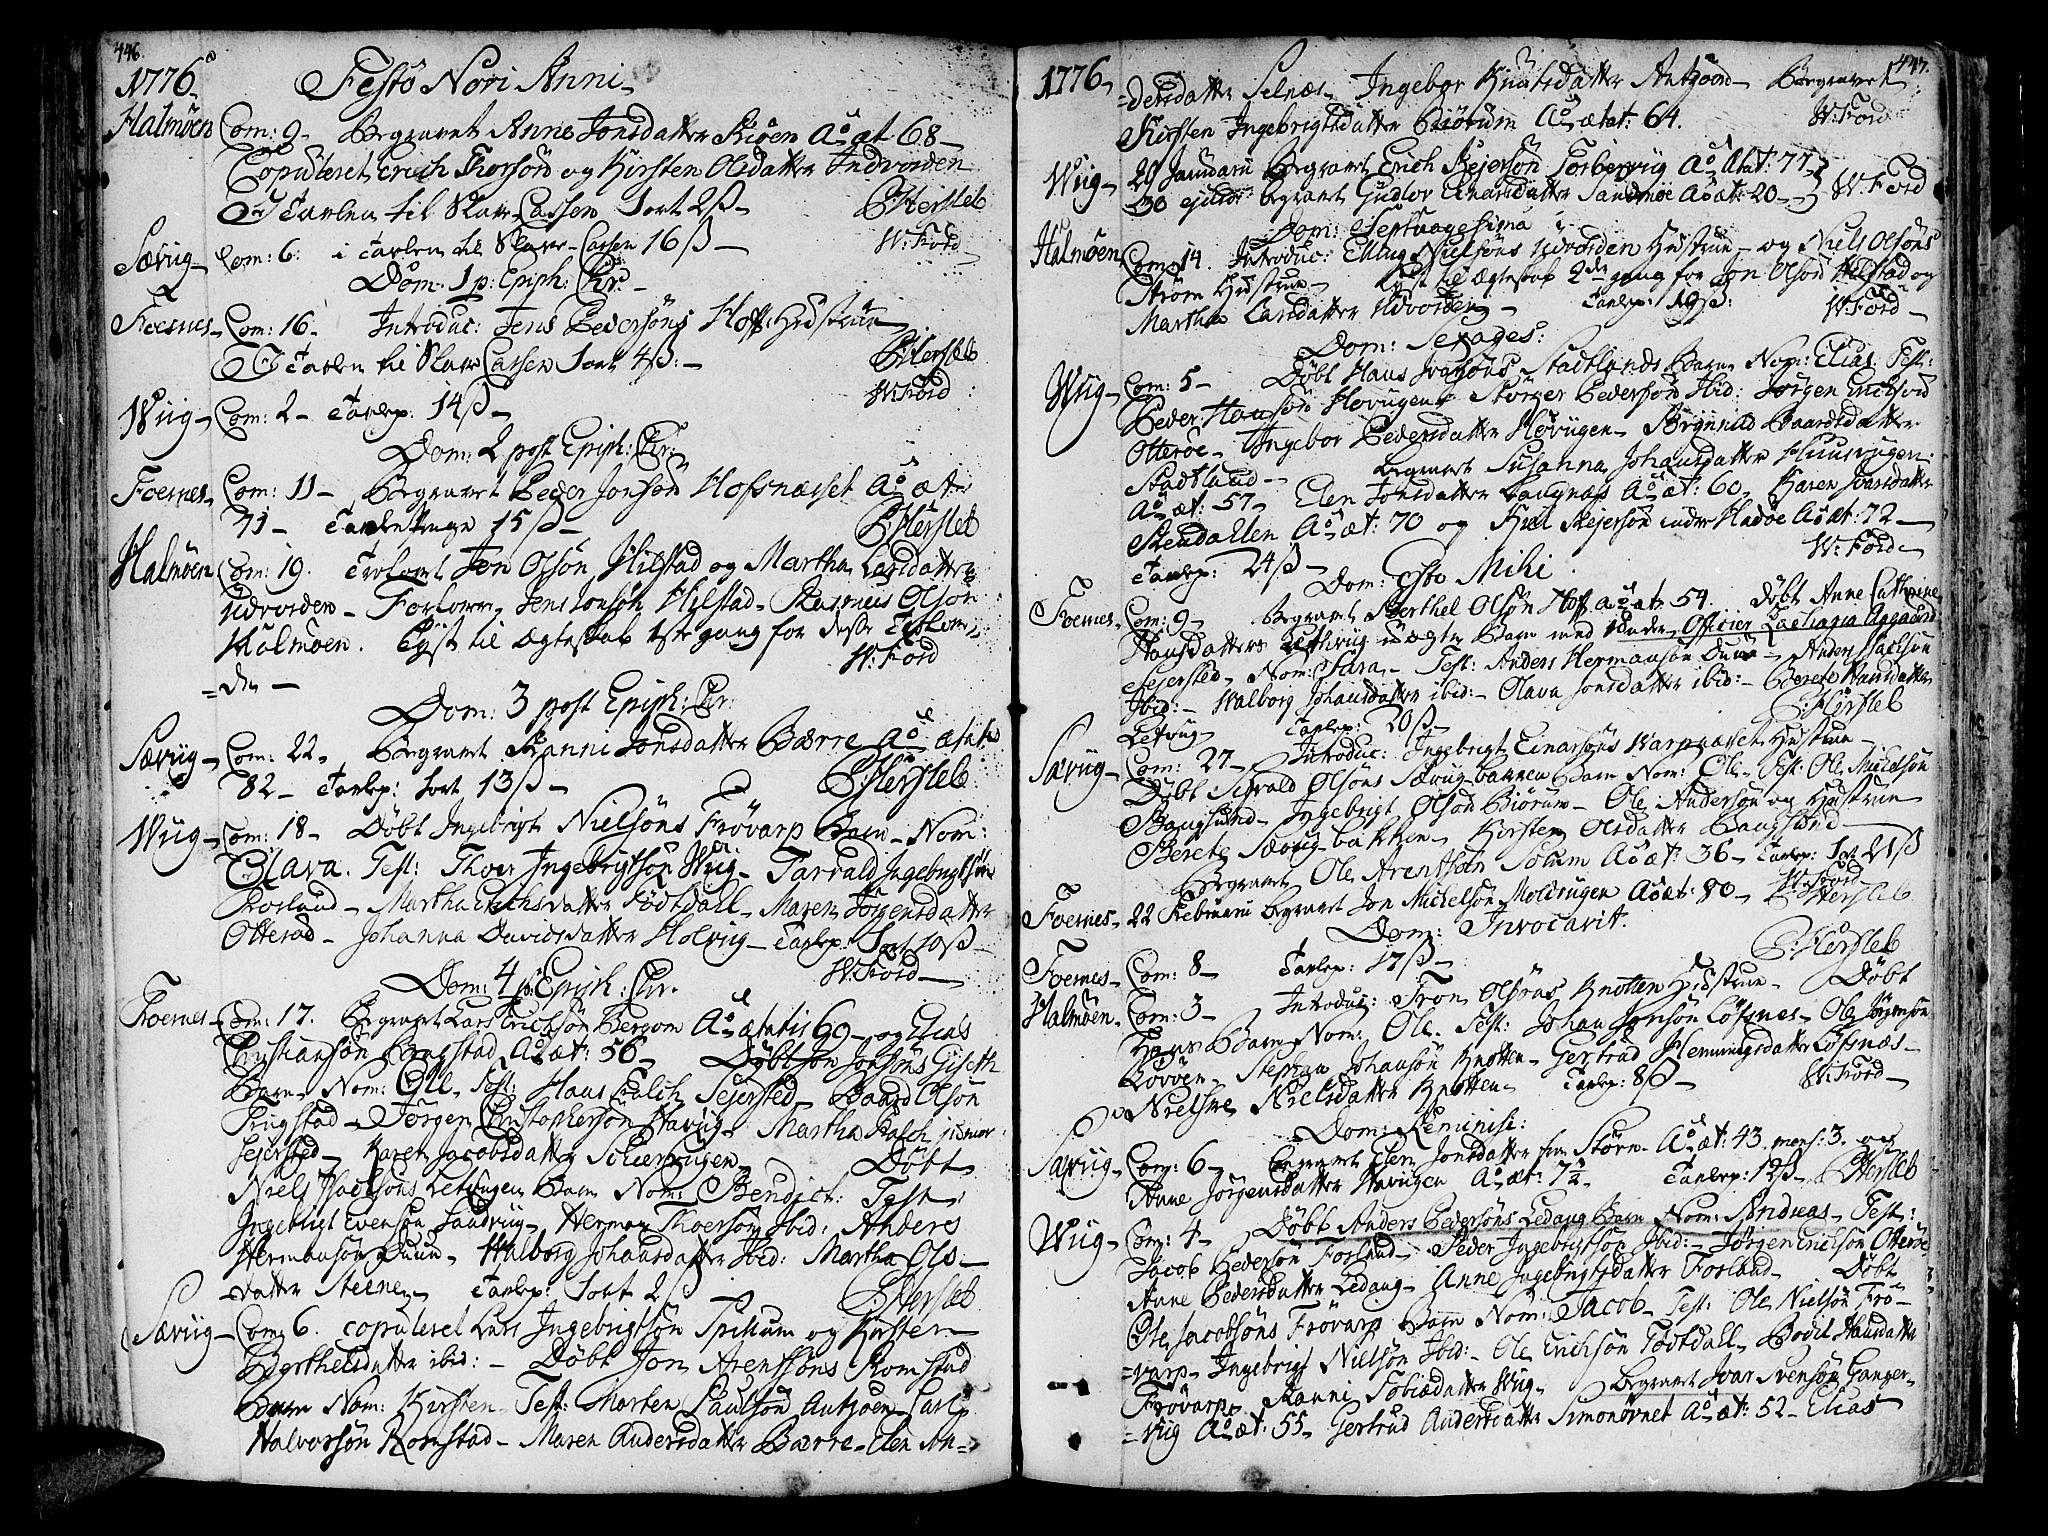 SAT, Ministerialprotokoller, klokkerbøker og fødselsregistre - Nord-Trøndelag, 773/L0607: Ministerialbok nr. 773A01, 1751-1783, s. 446-447